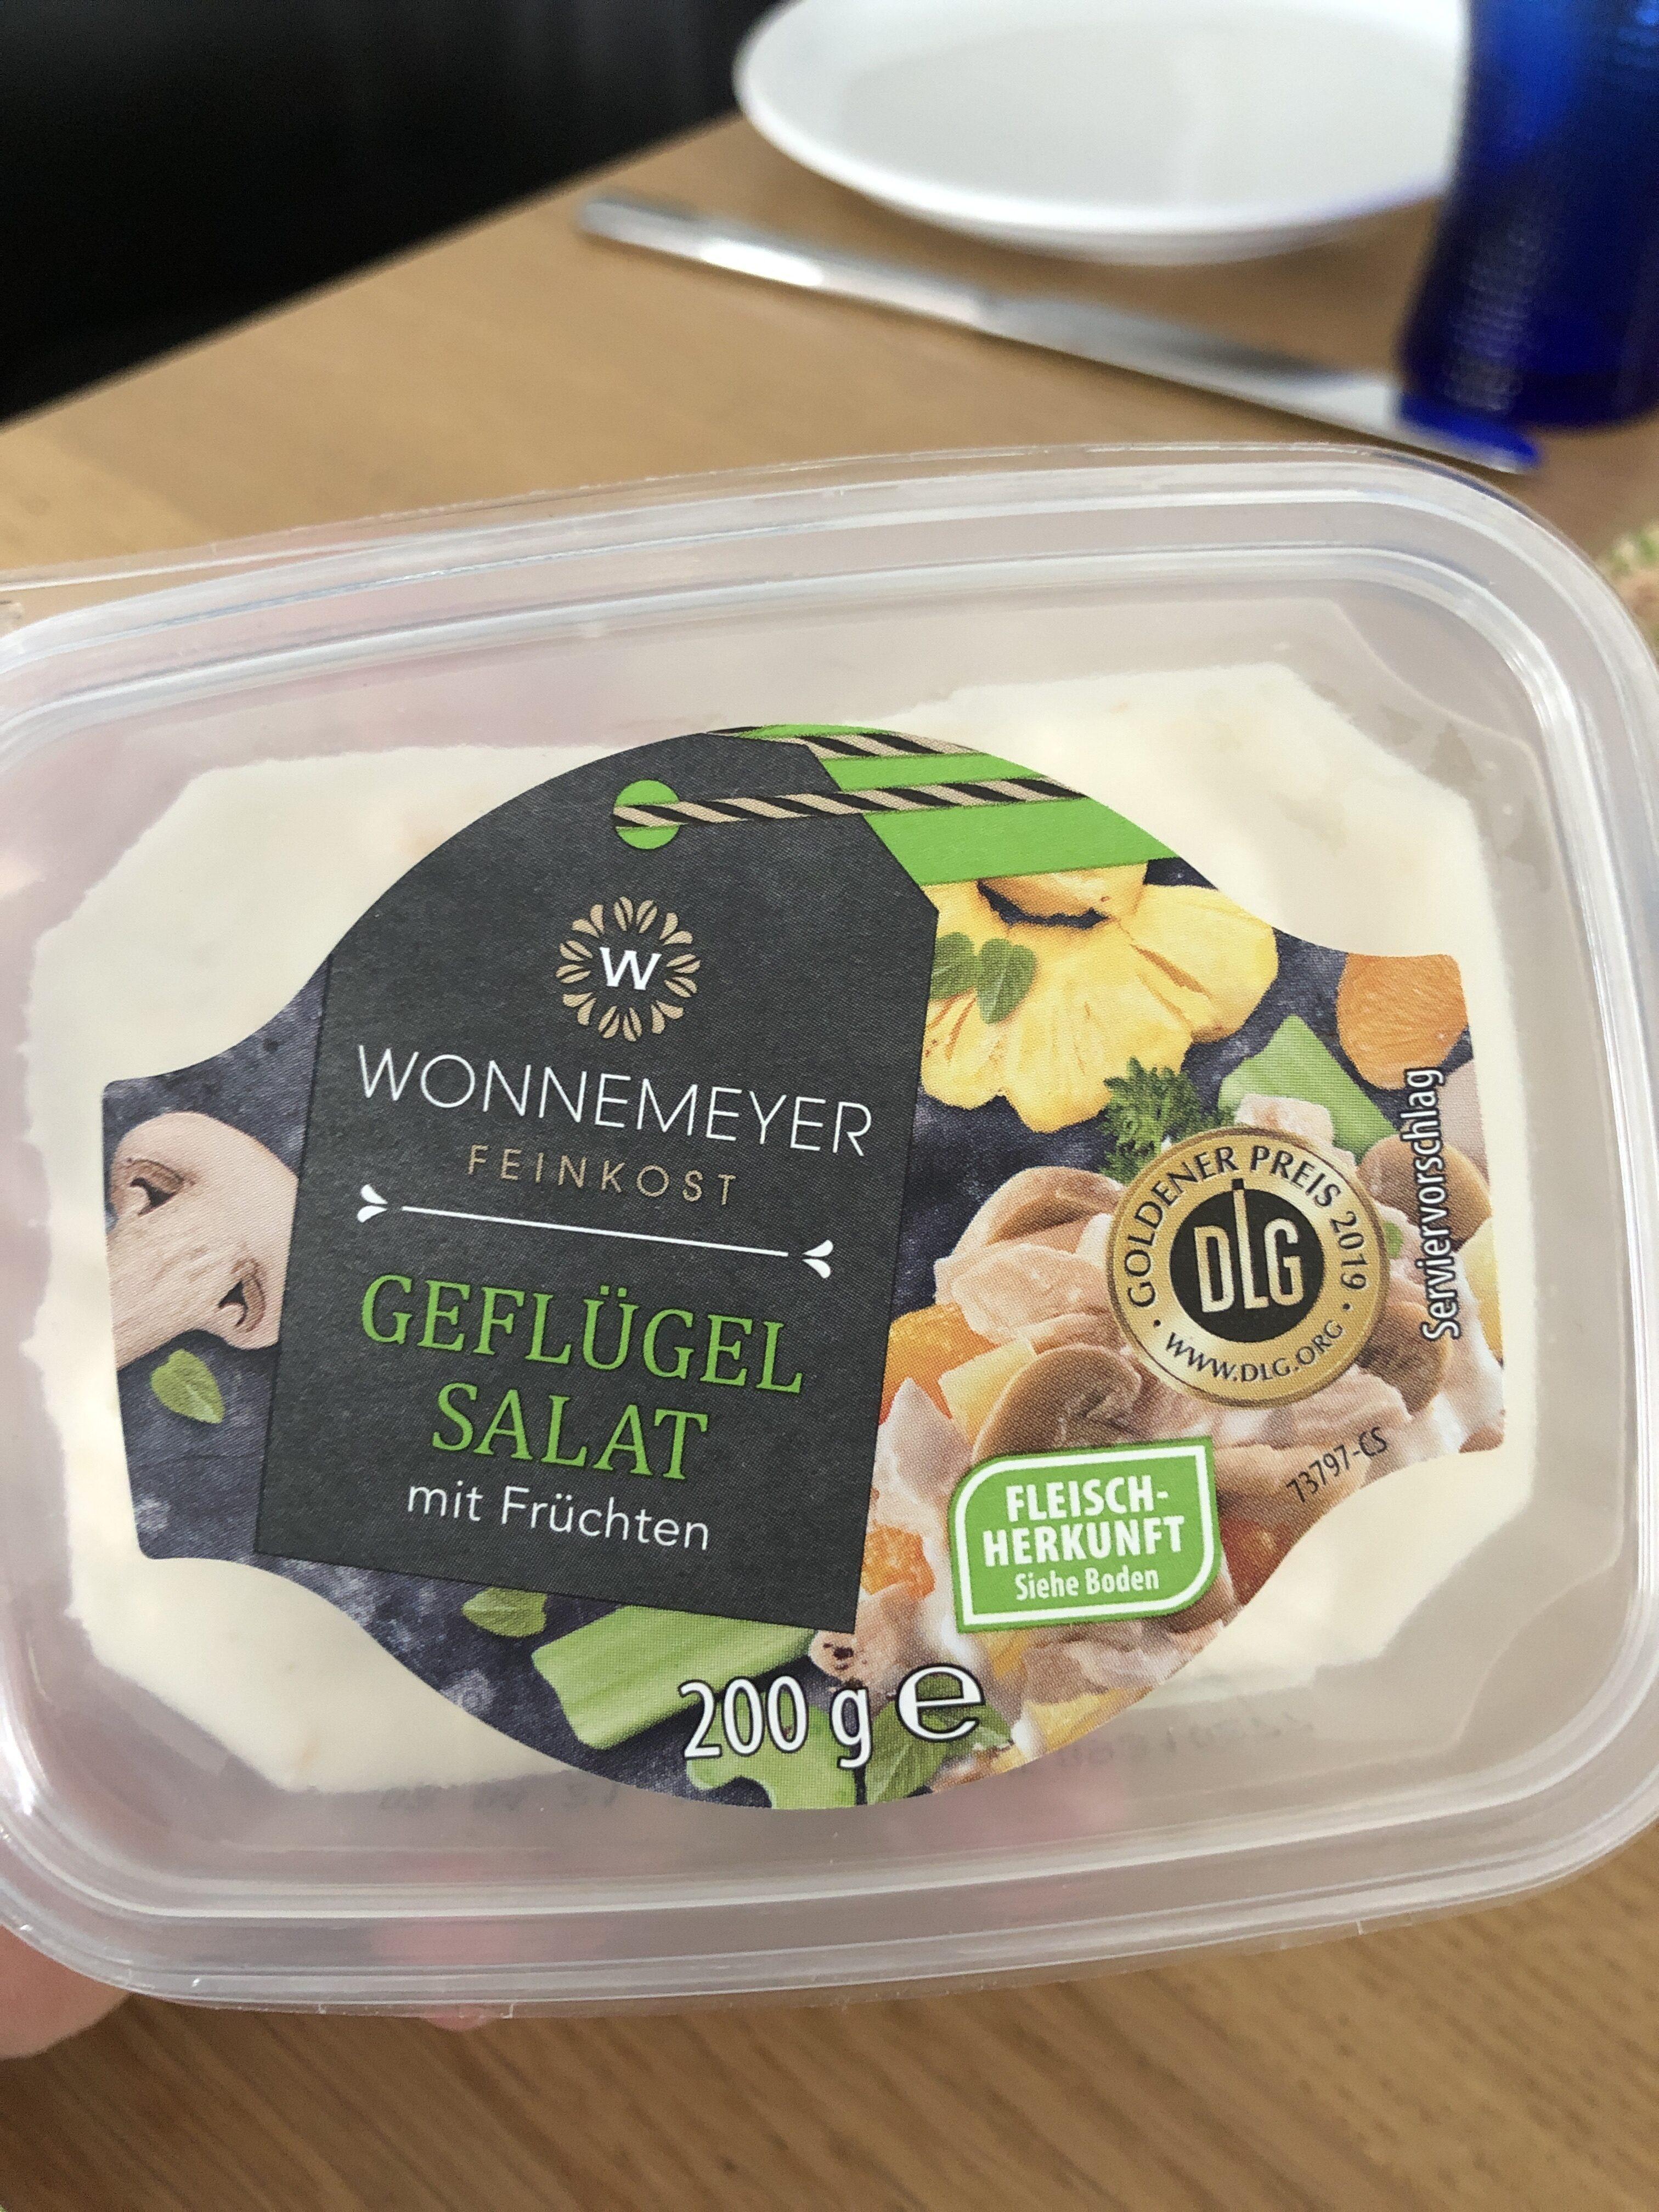 Geflügel Salat - Produit - de